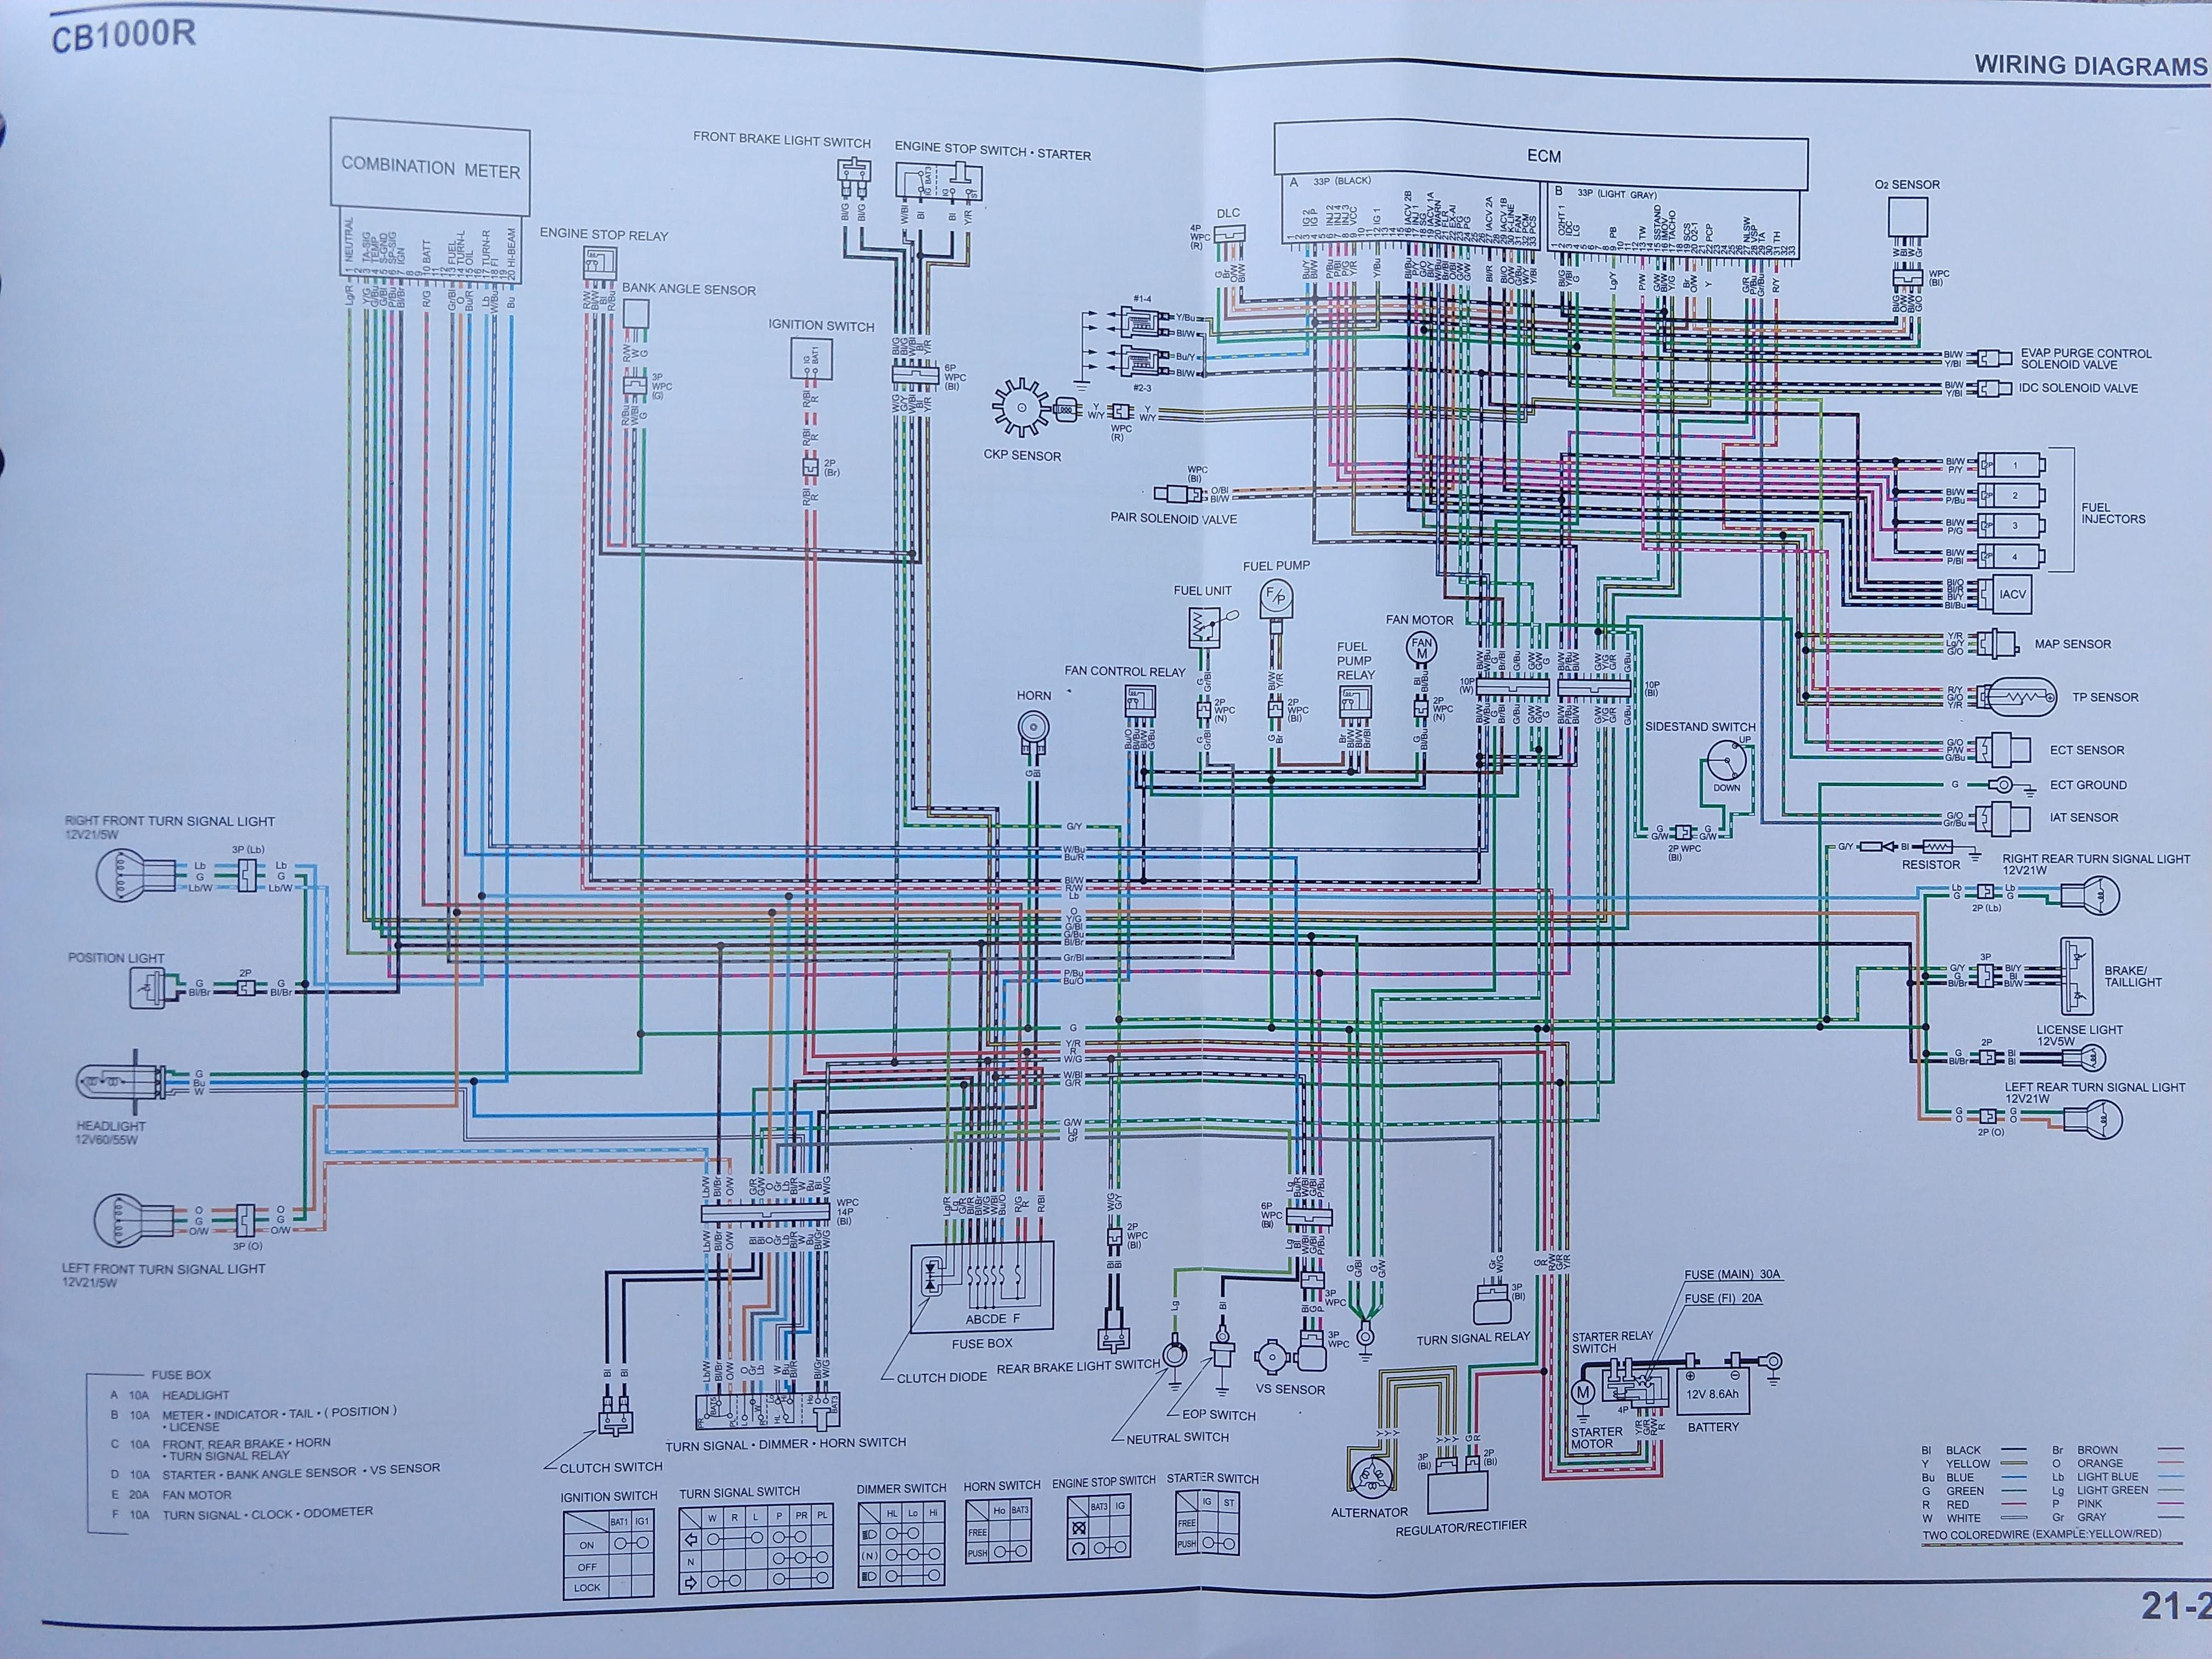 [SCHEMATICS_4NL]  CB1000R North American specific Wiring Diagram | Honda CB1000R Forum | Honda Cb1000 Wiring Diagram |  | Honda CB1000R Forum